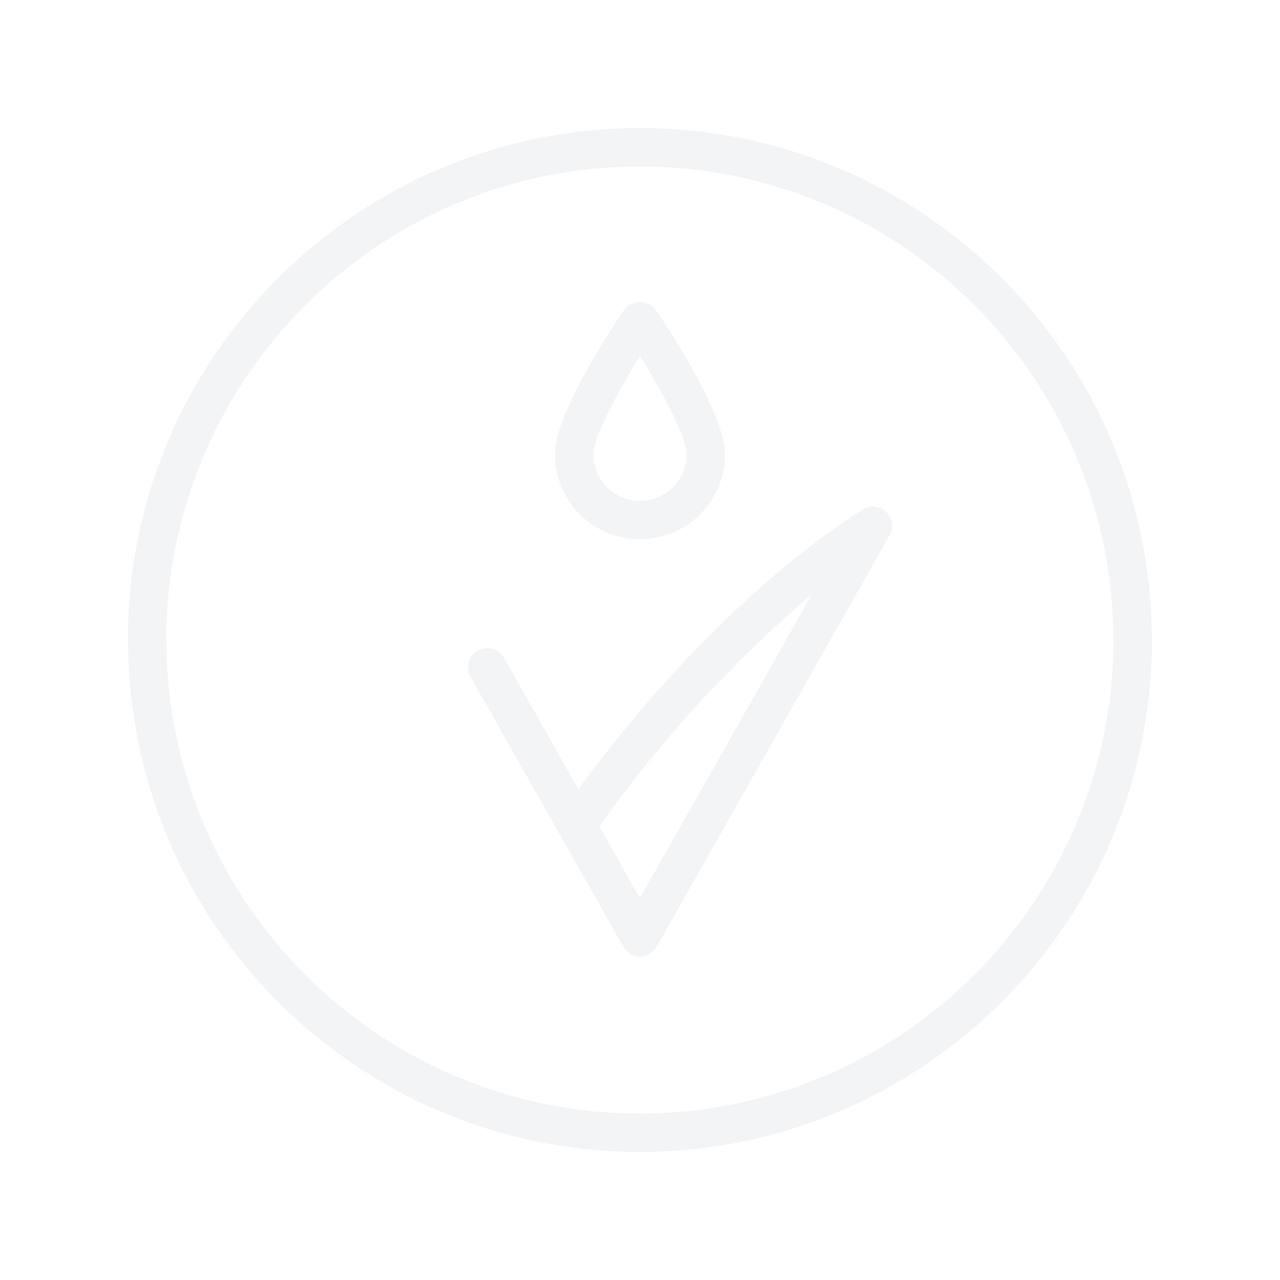 LANCASTER 365 Skin Repair Gentle Peel Detoxifying Foam средство по уходу за лицом 100ml